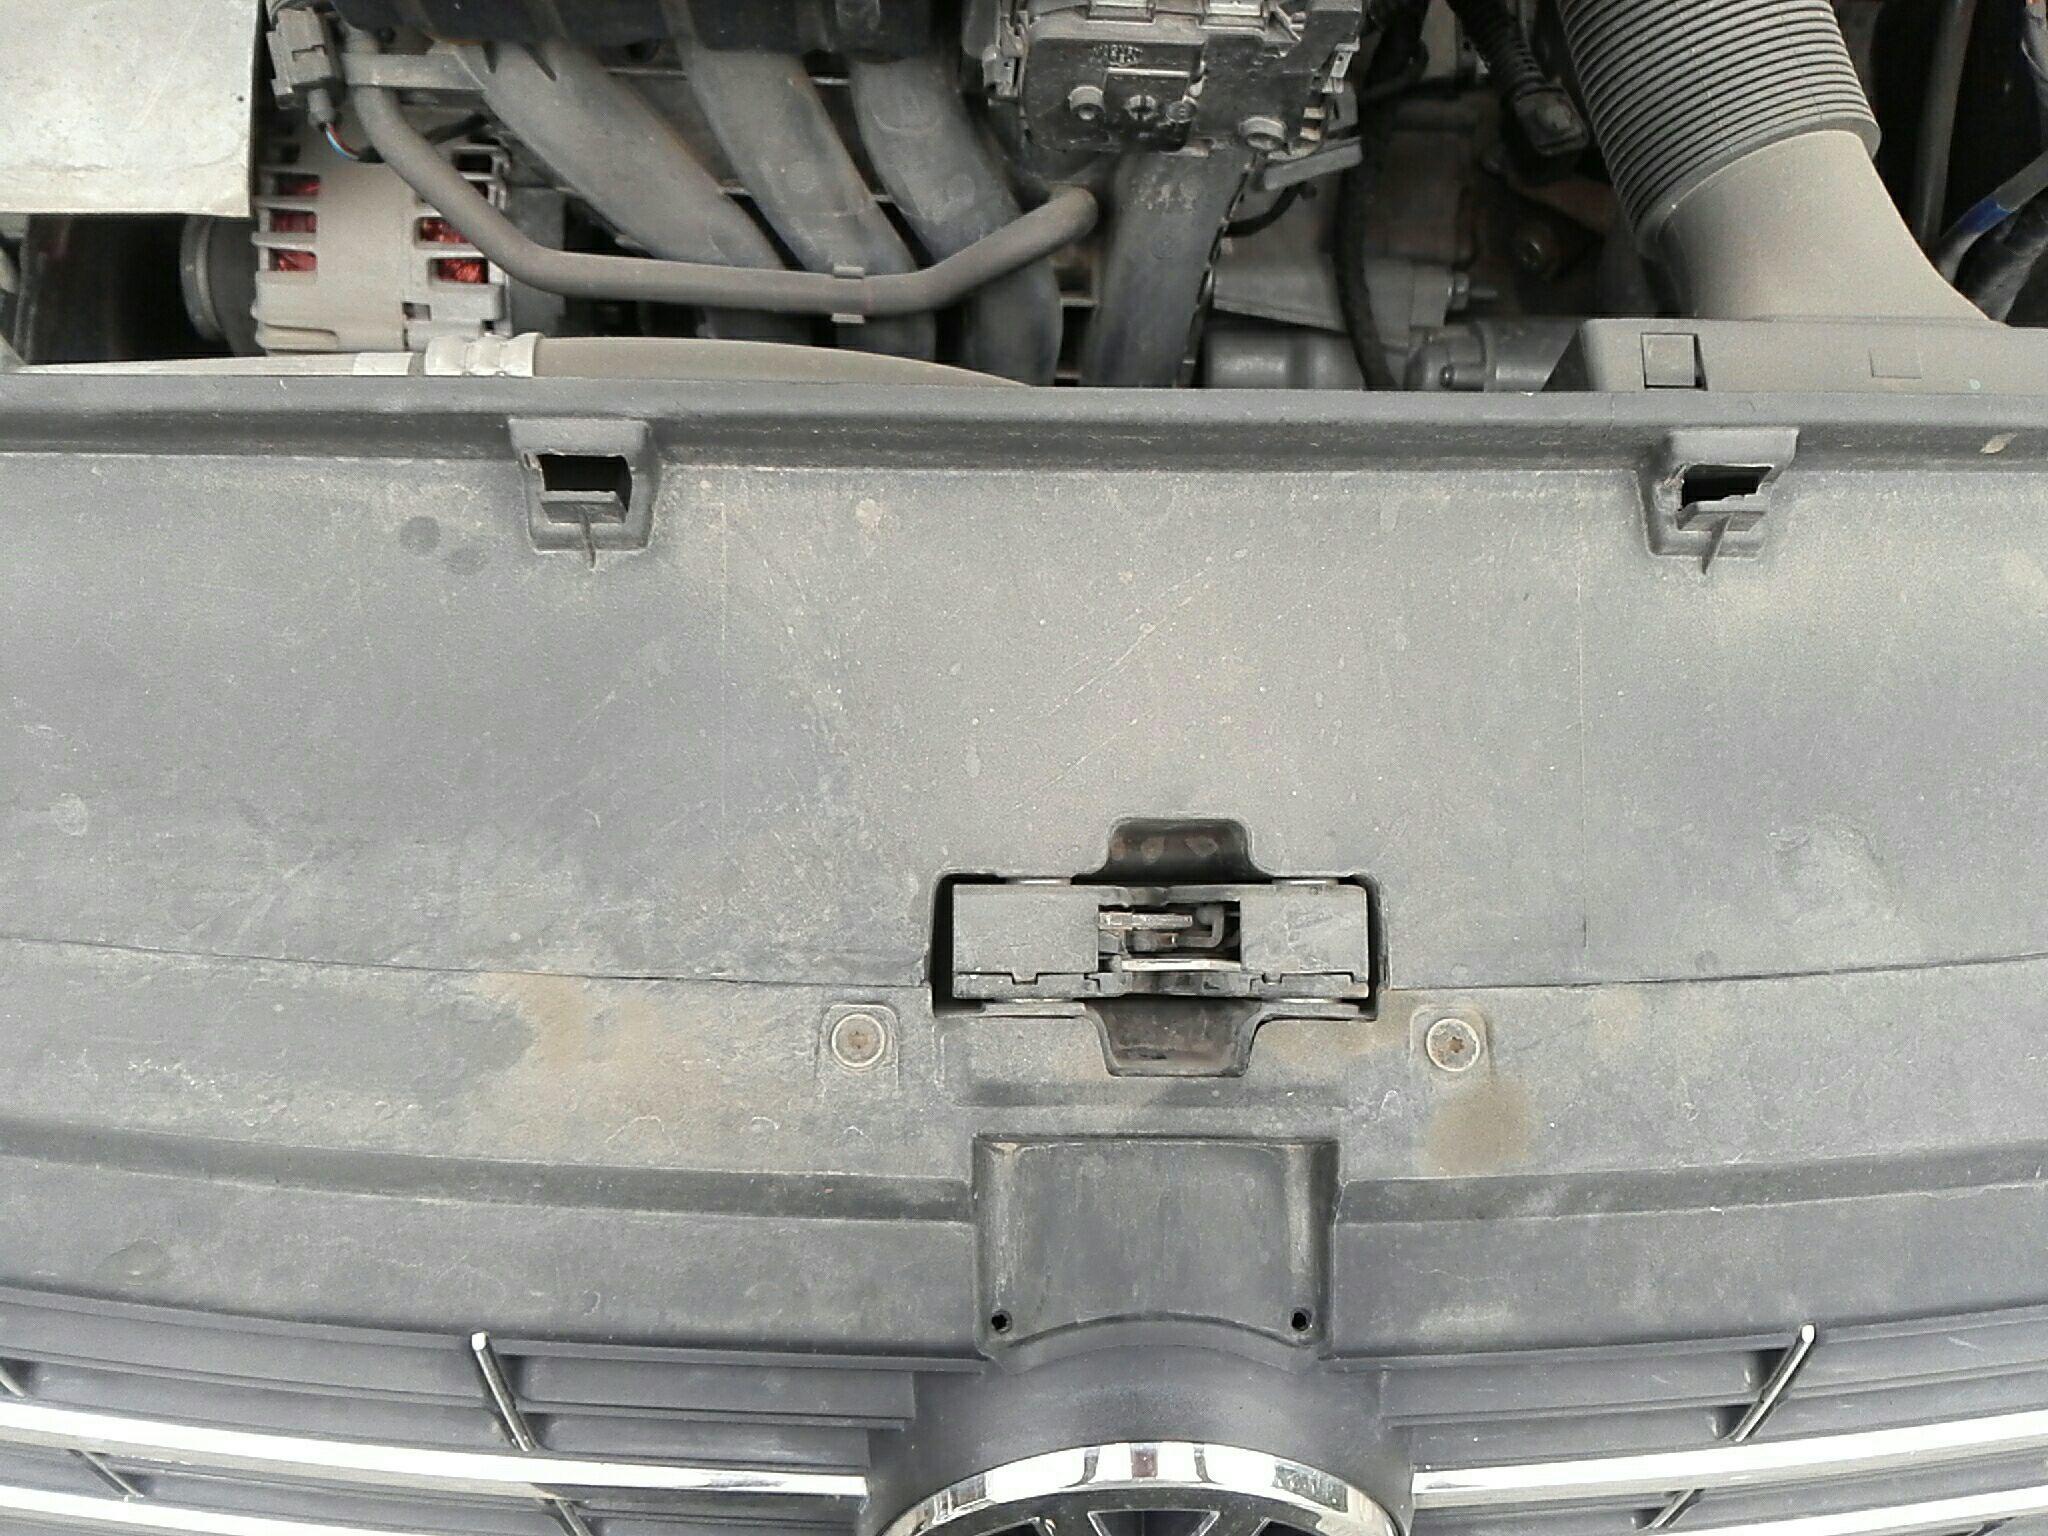 东营二手大众朗逸 > 大众朗逸 2013  车头轻微的碰撞会导致水箱框架